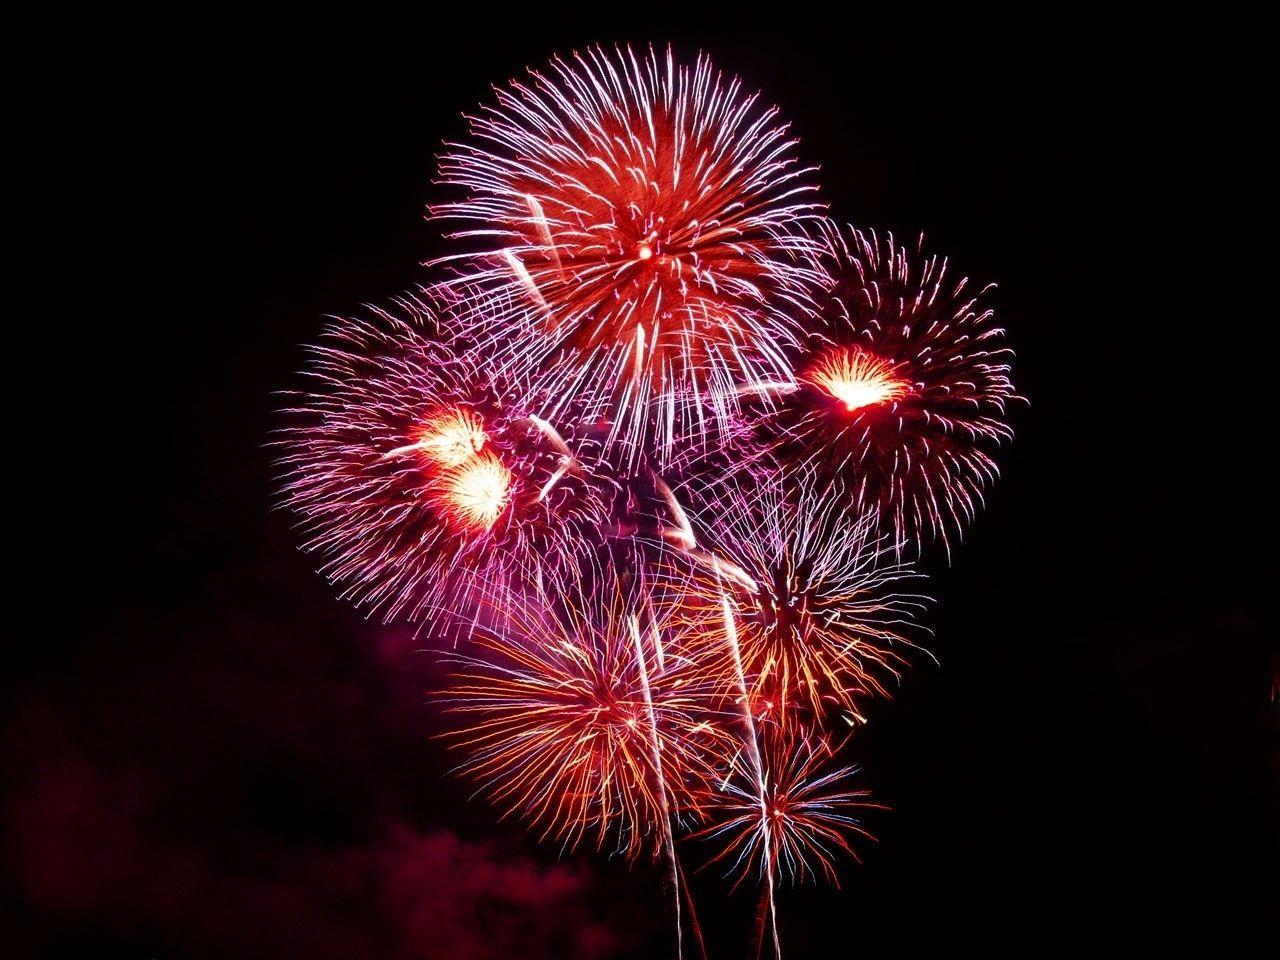 fireworks transparent.